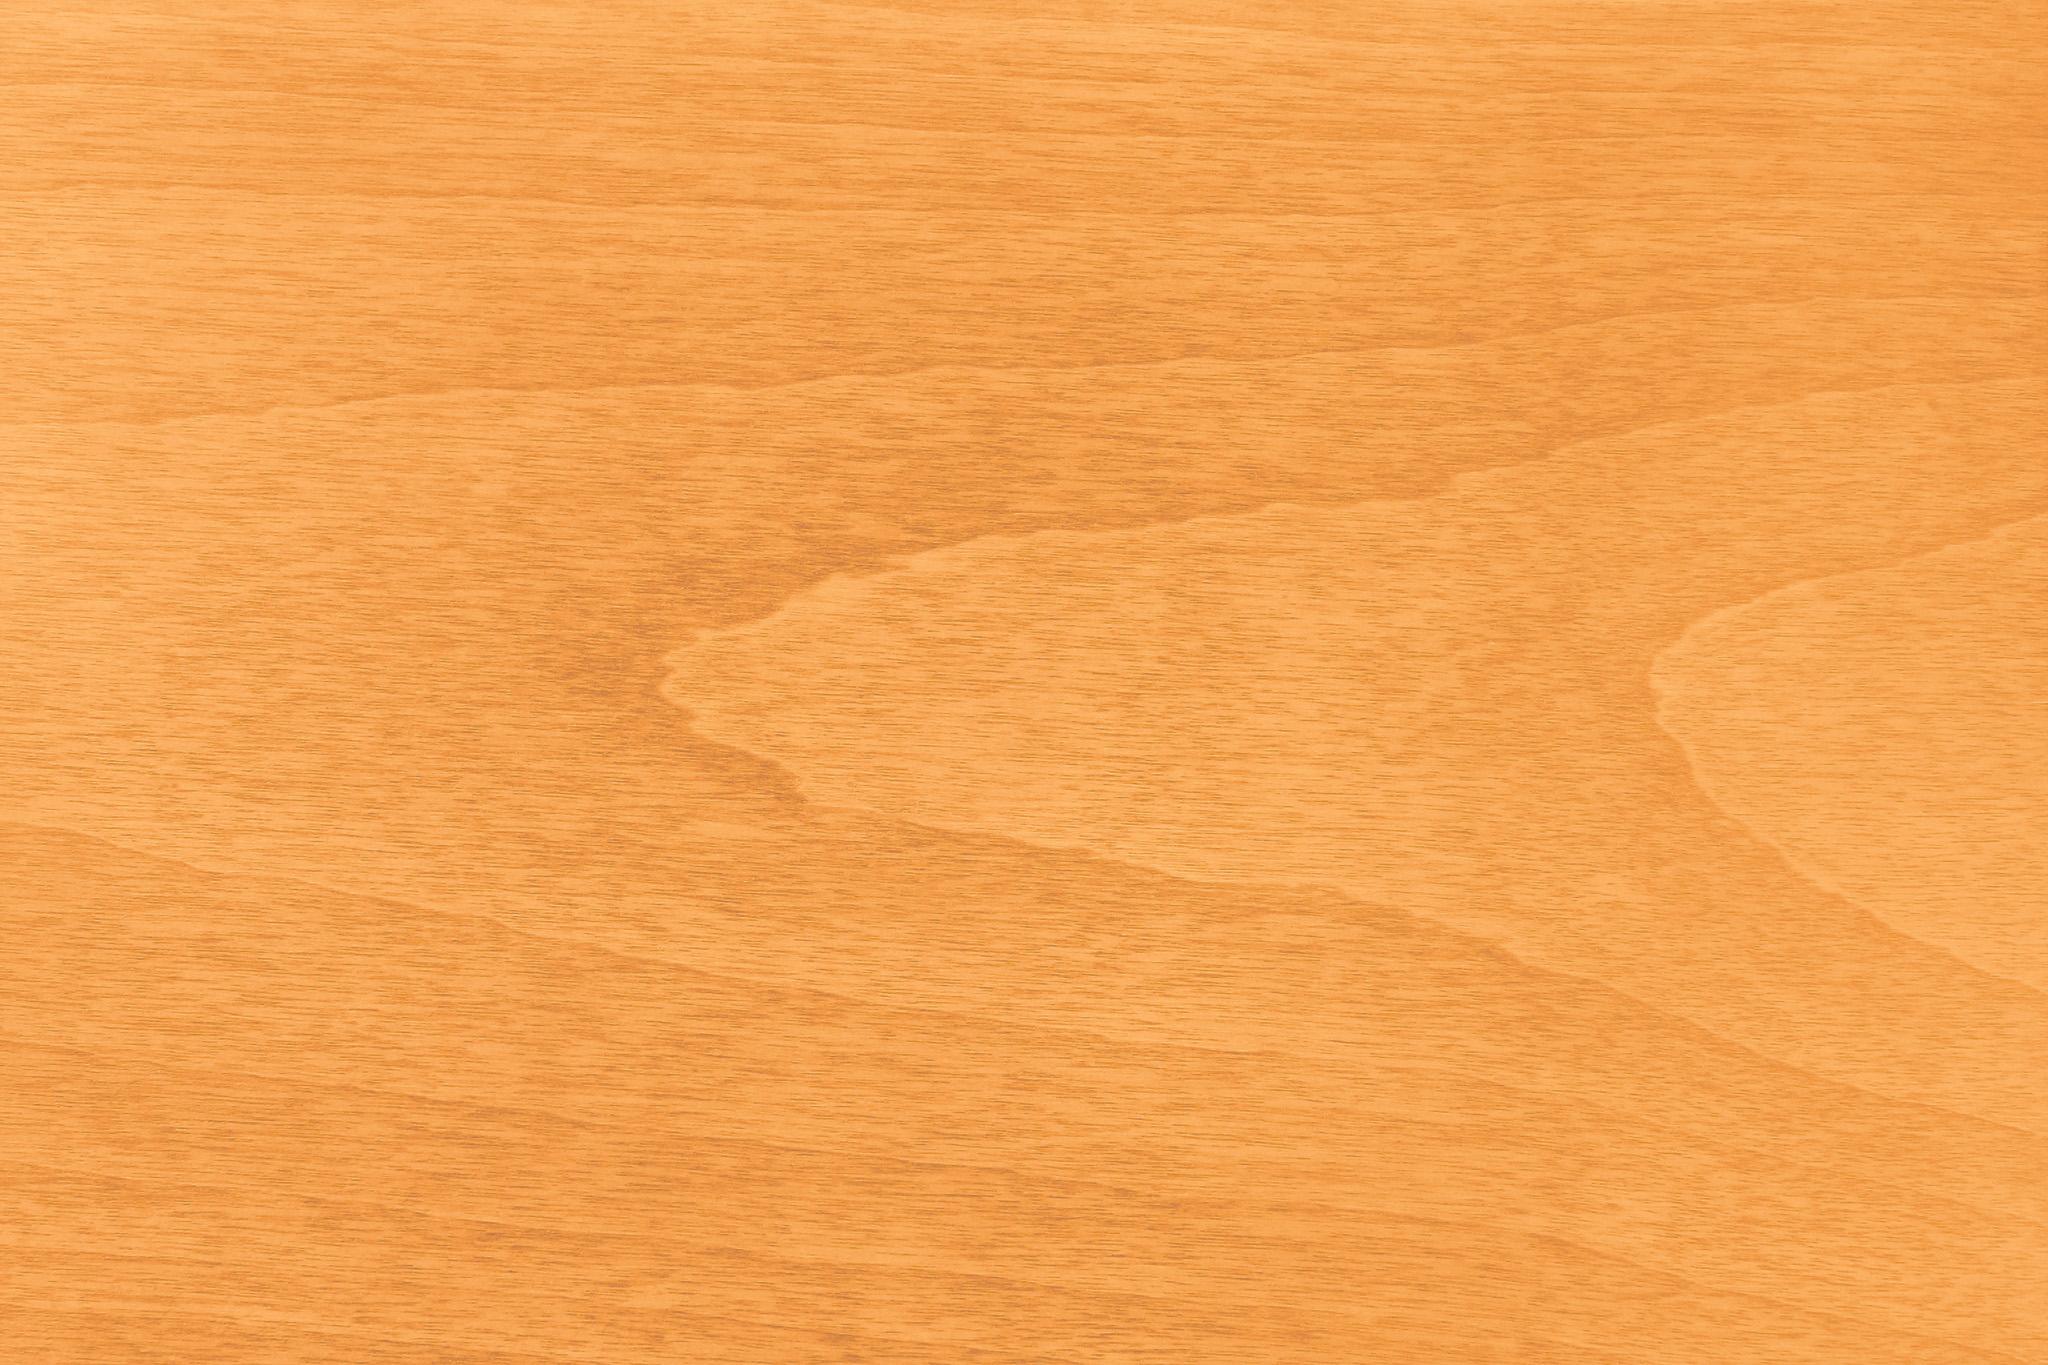 「無垢の木の大きな木目背景」